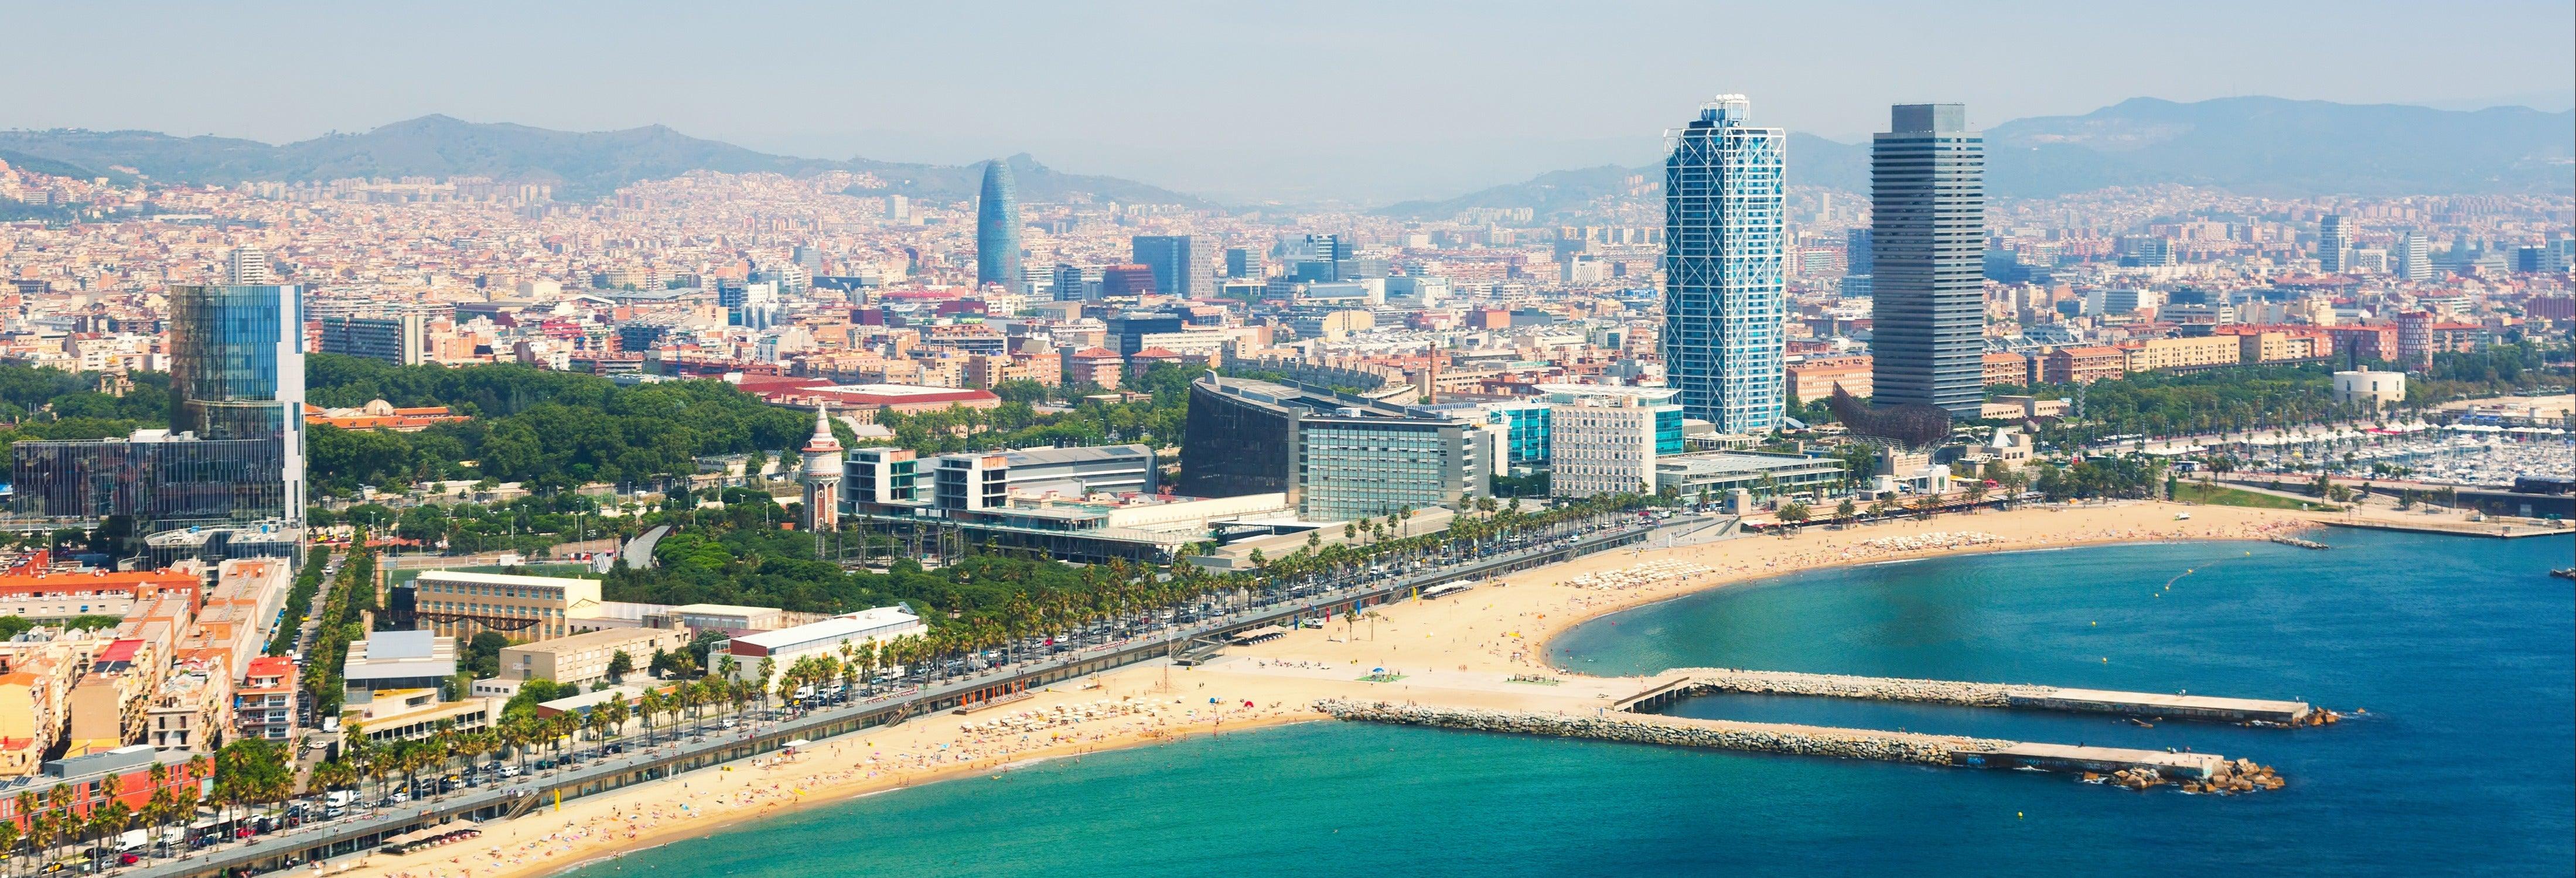 Barcelone sur la terre, la mer et dans les airs